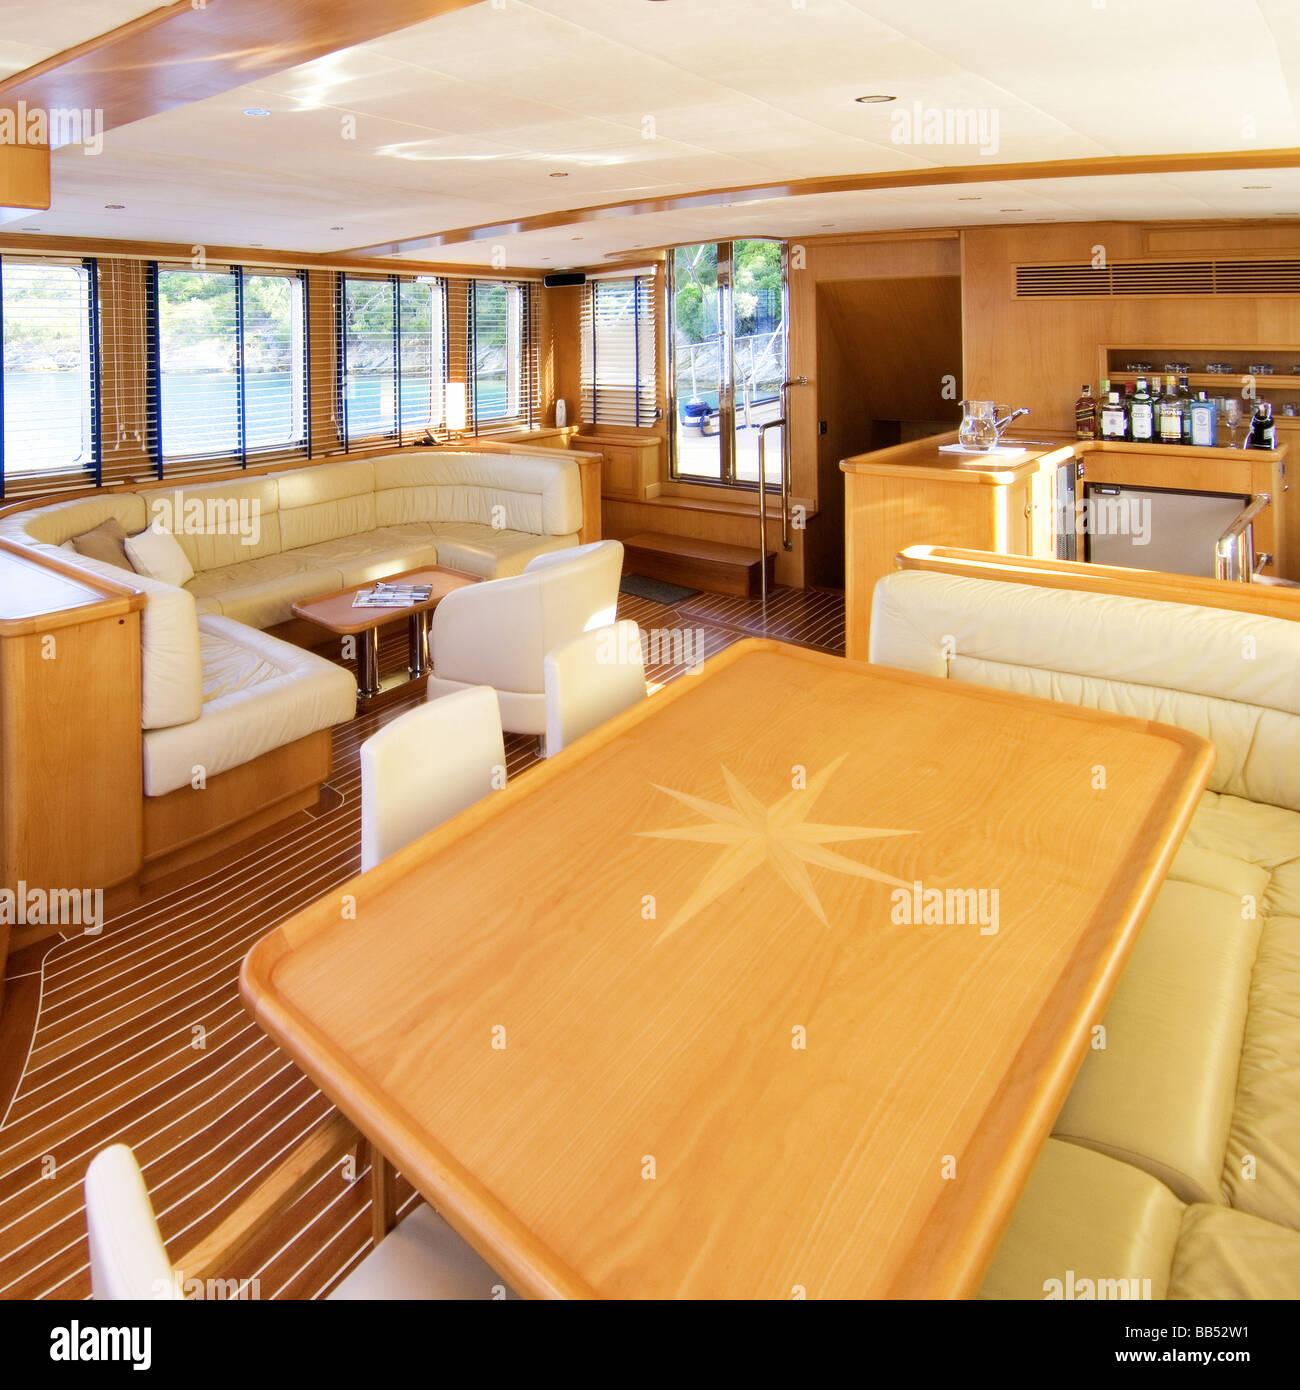 3d rendere lusso e moderno ingresso dell'hotel. Il Design Degli Interni Di Lusso Yacht A Motore Foto Stock Alamy